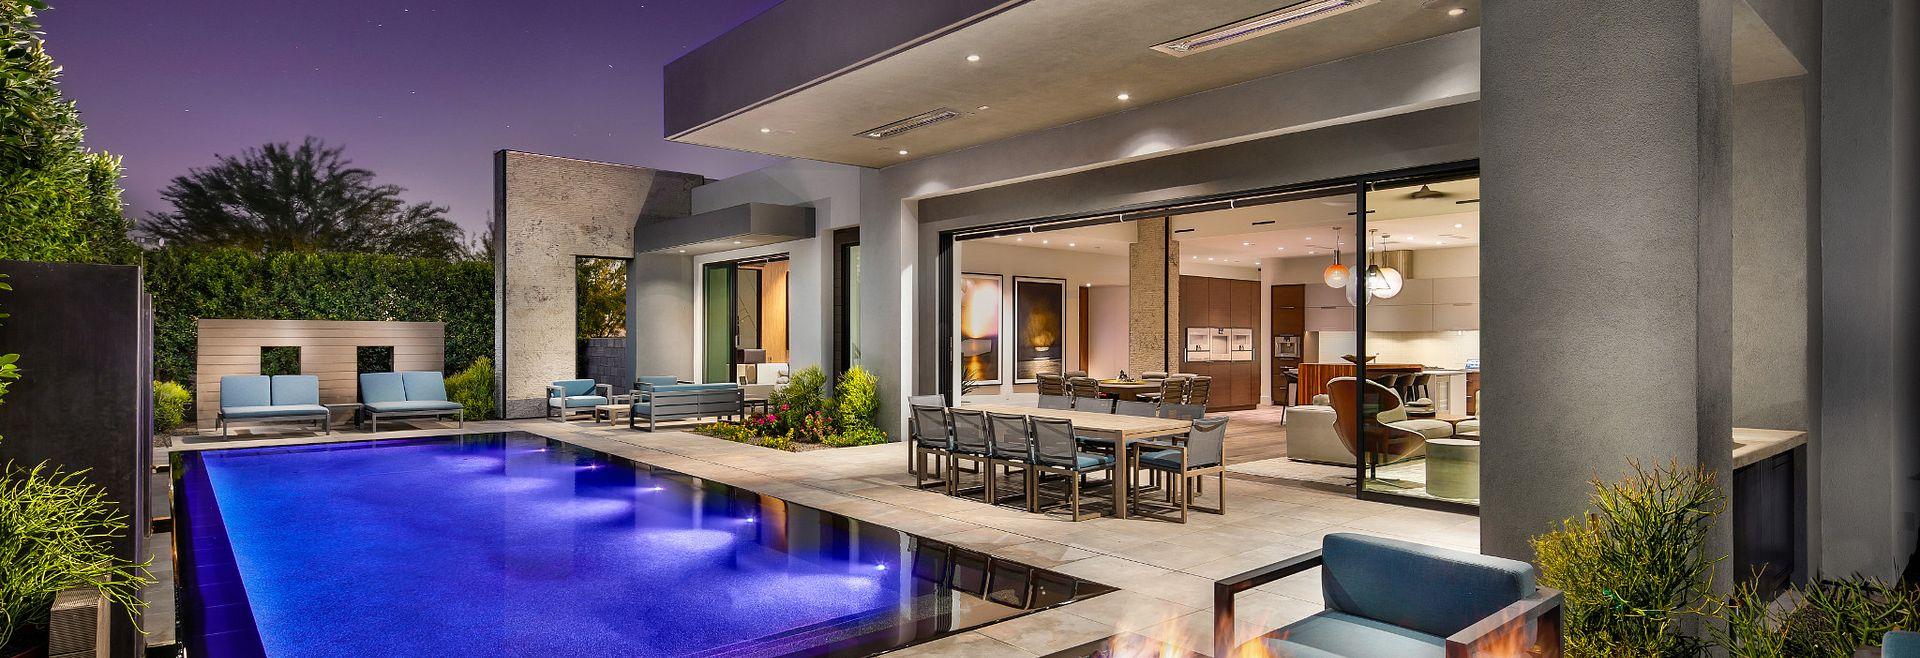 Azure Backyard Pool